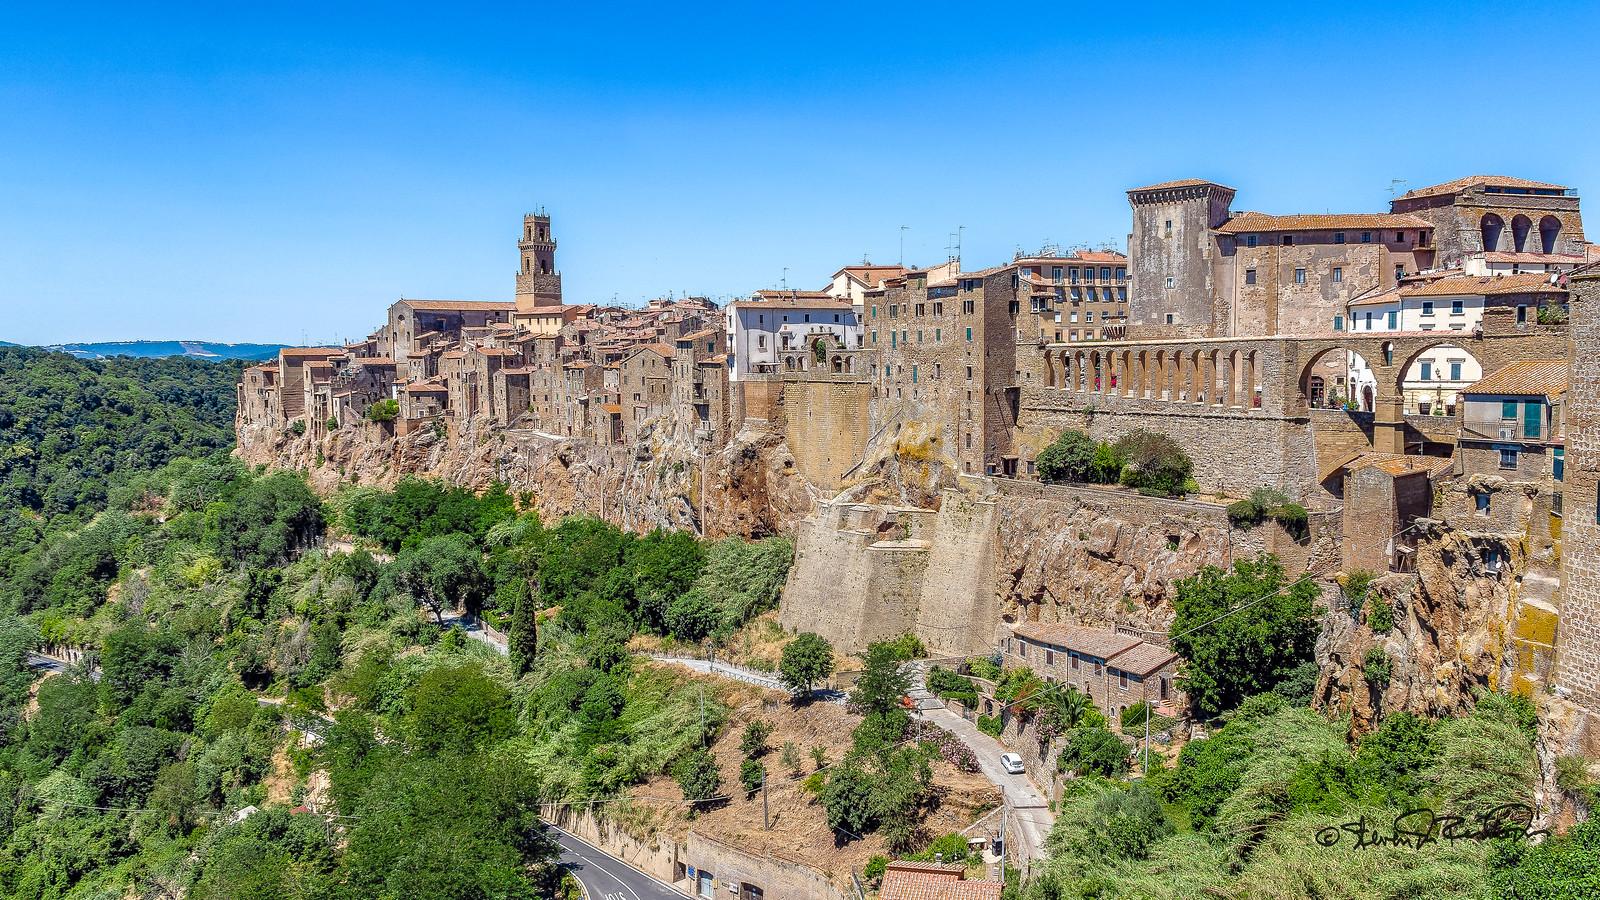 visiter la Toscane - Pitigliano